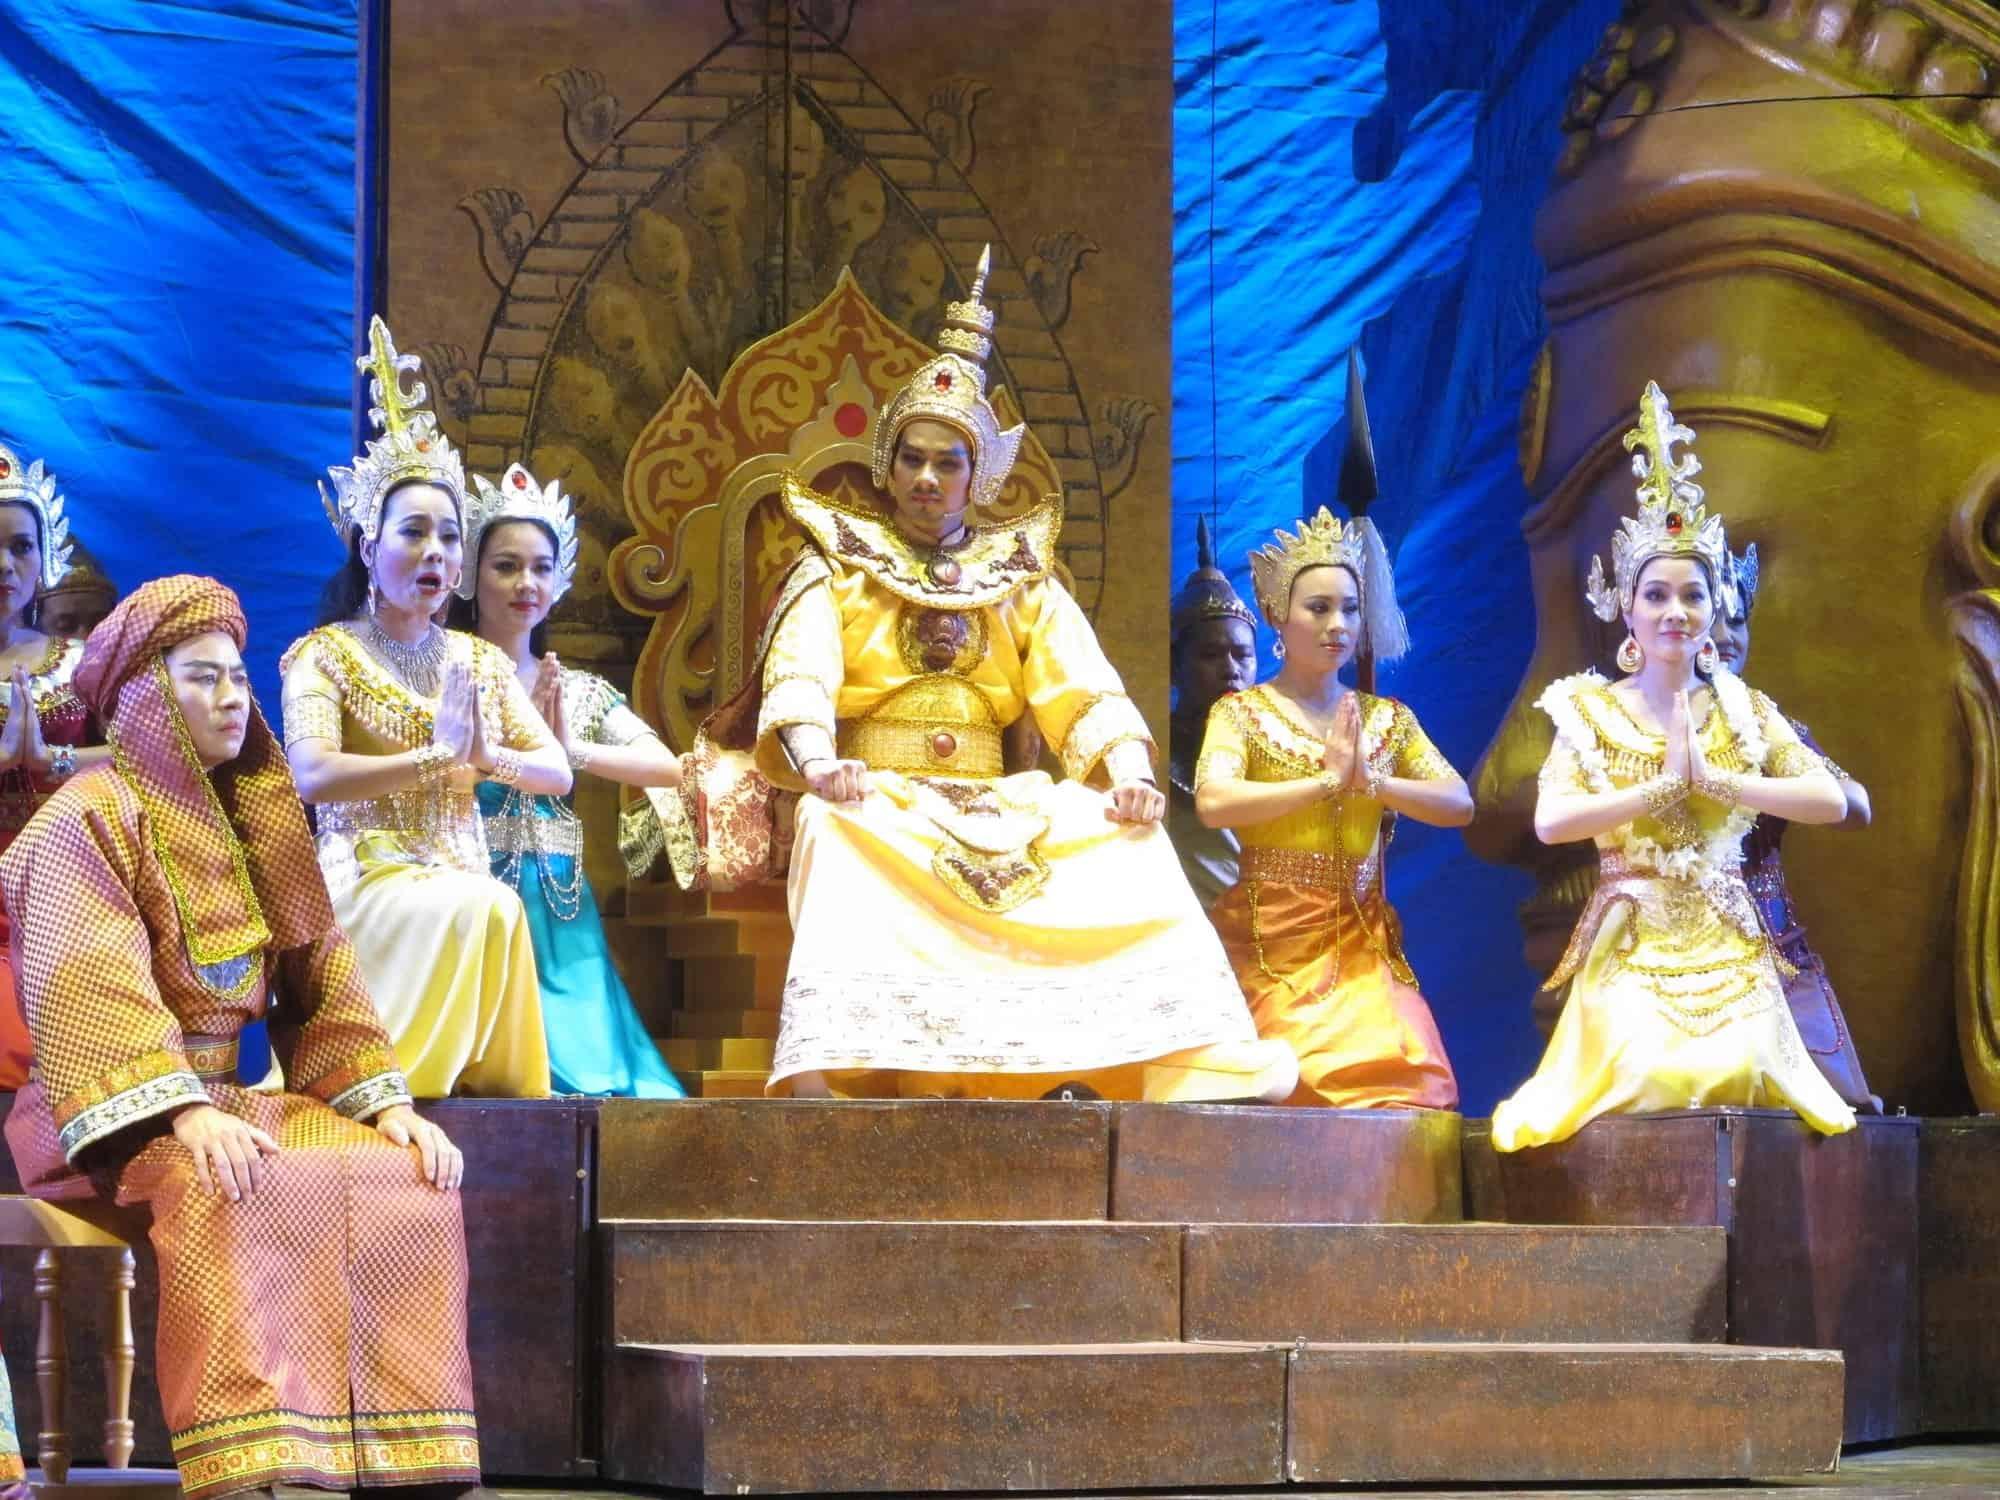 Ni sư Hương Tràng- một vở diễn lịch sử hấp dẫn của Nhà hát Cải lương VN, do NSND Triệu Trung Kiên làm đạo diễn